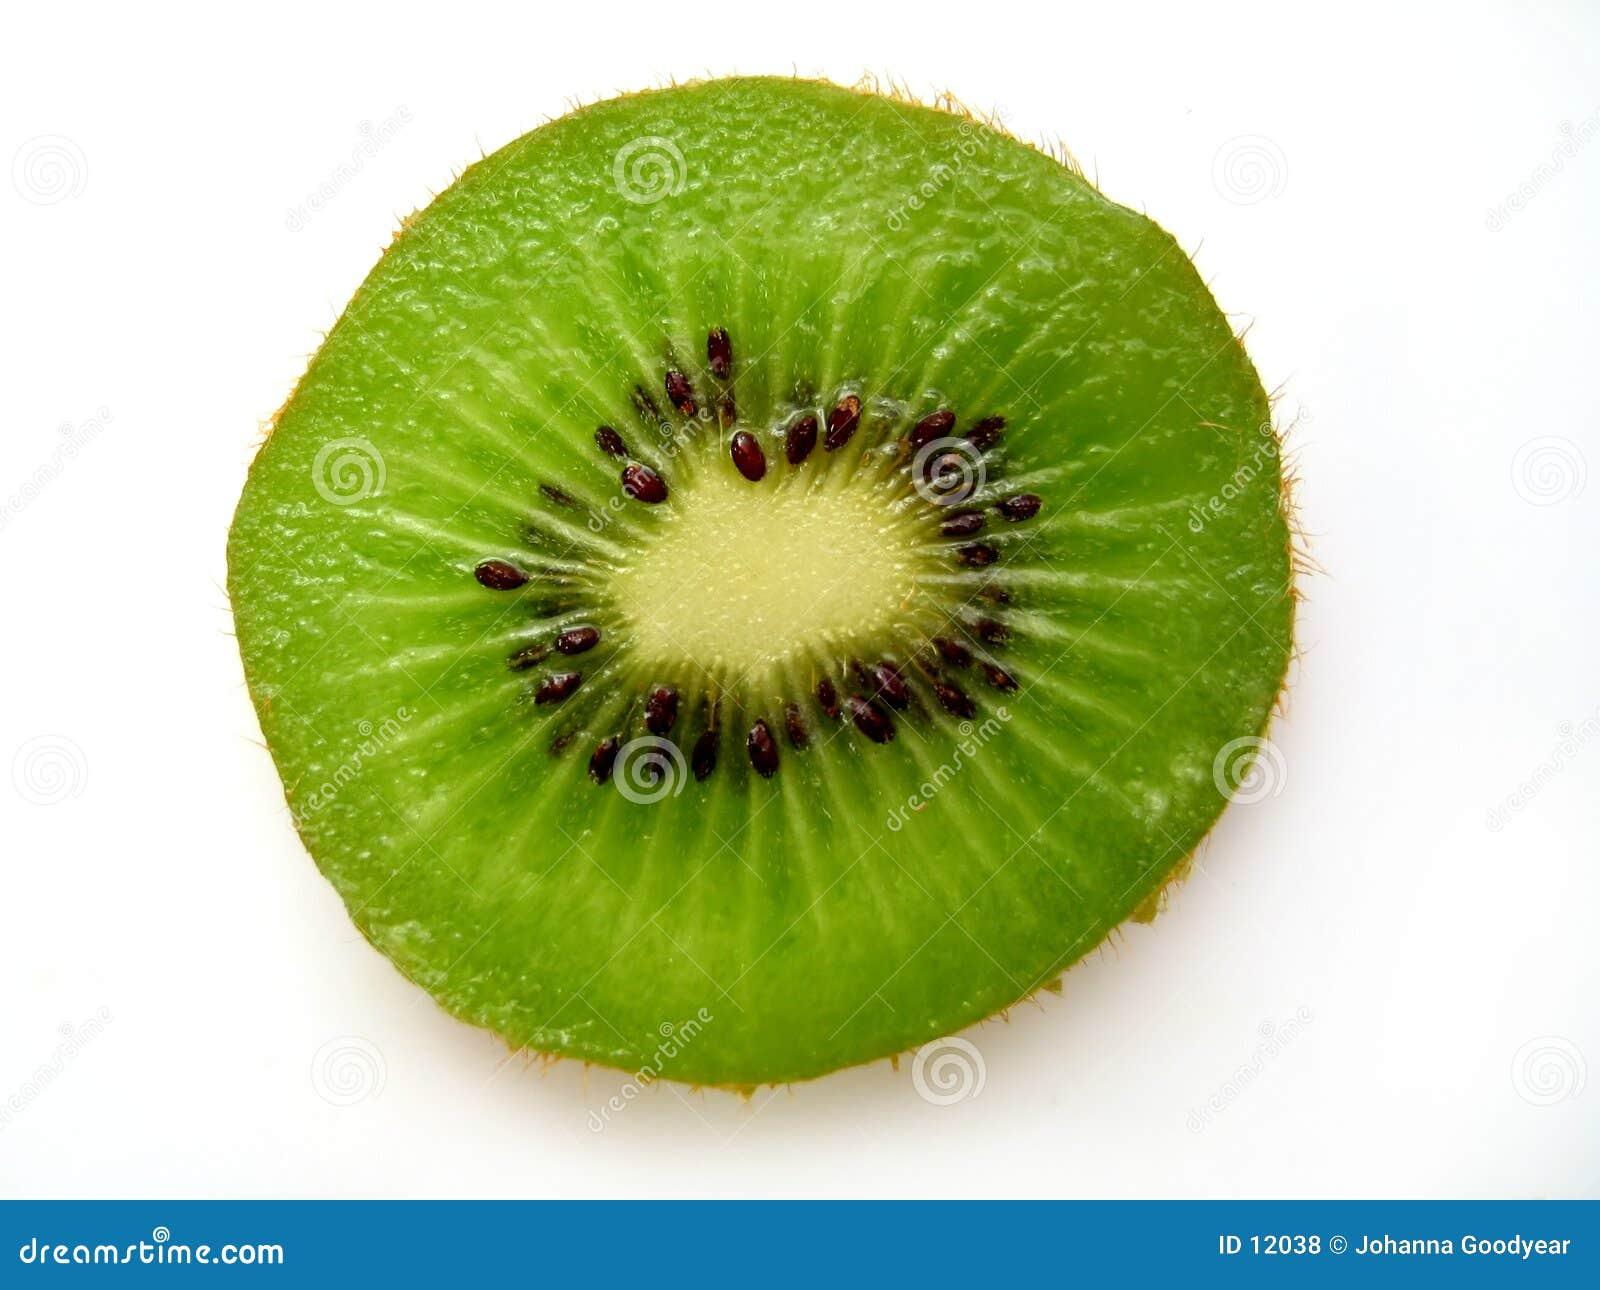 Plak II van de kiwi